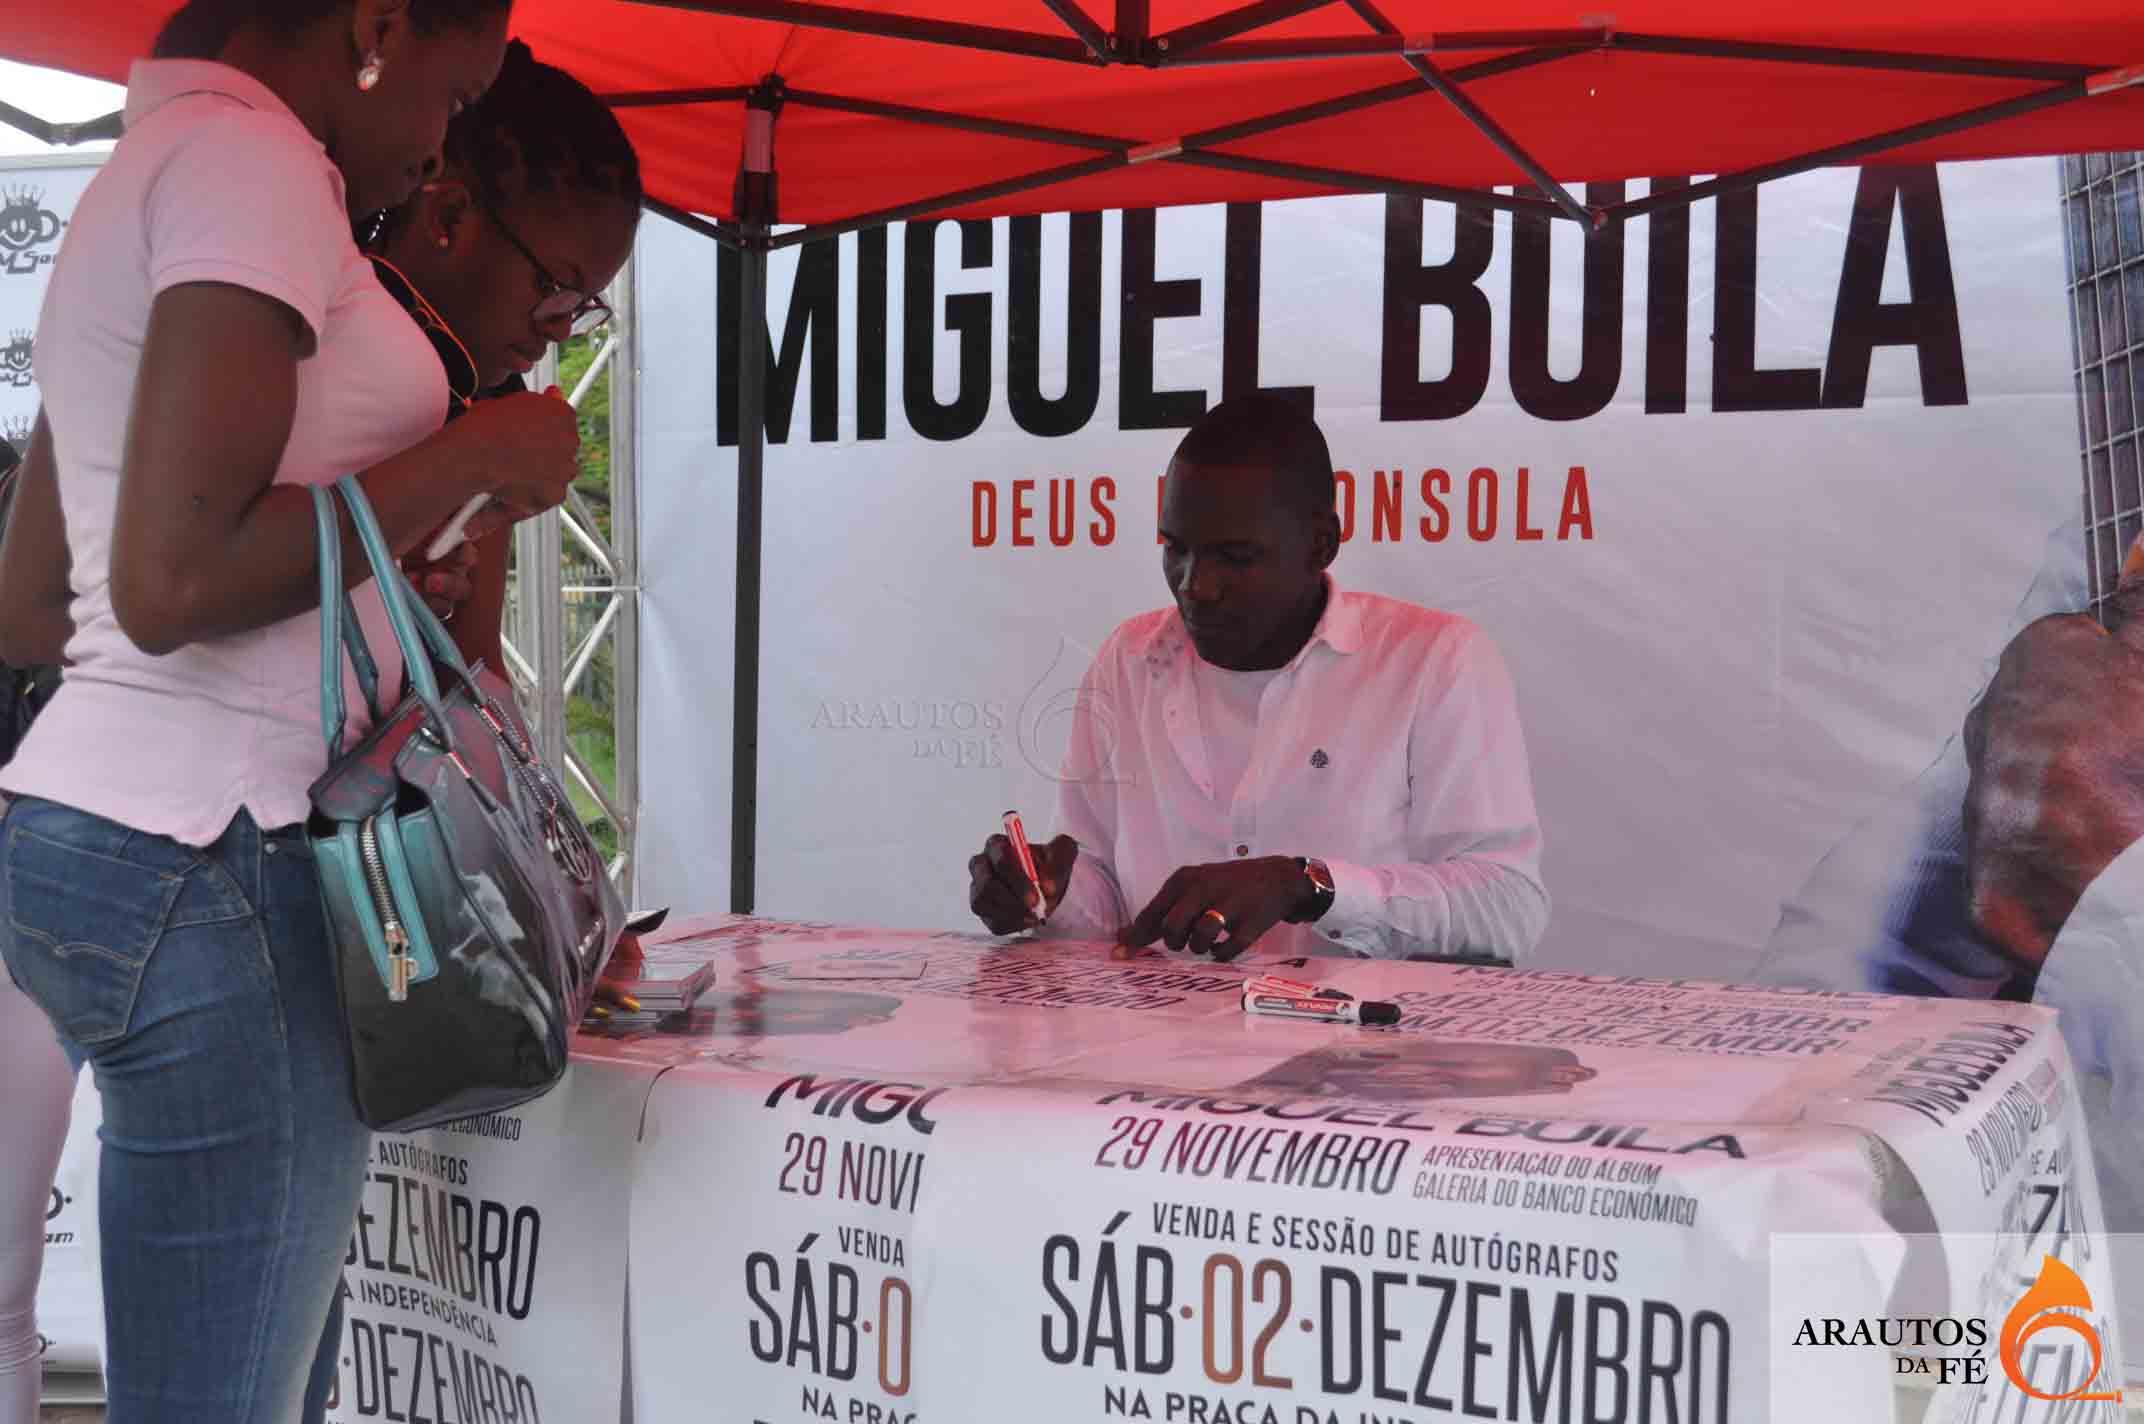 Miguel Buila está a autografar o seu mais recente CD